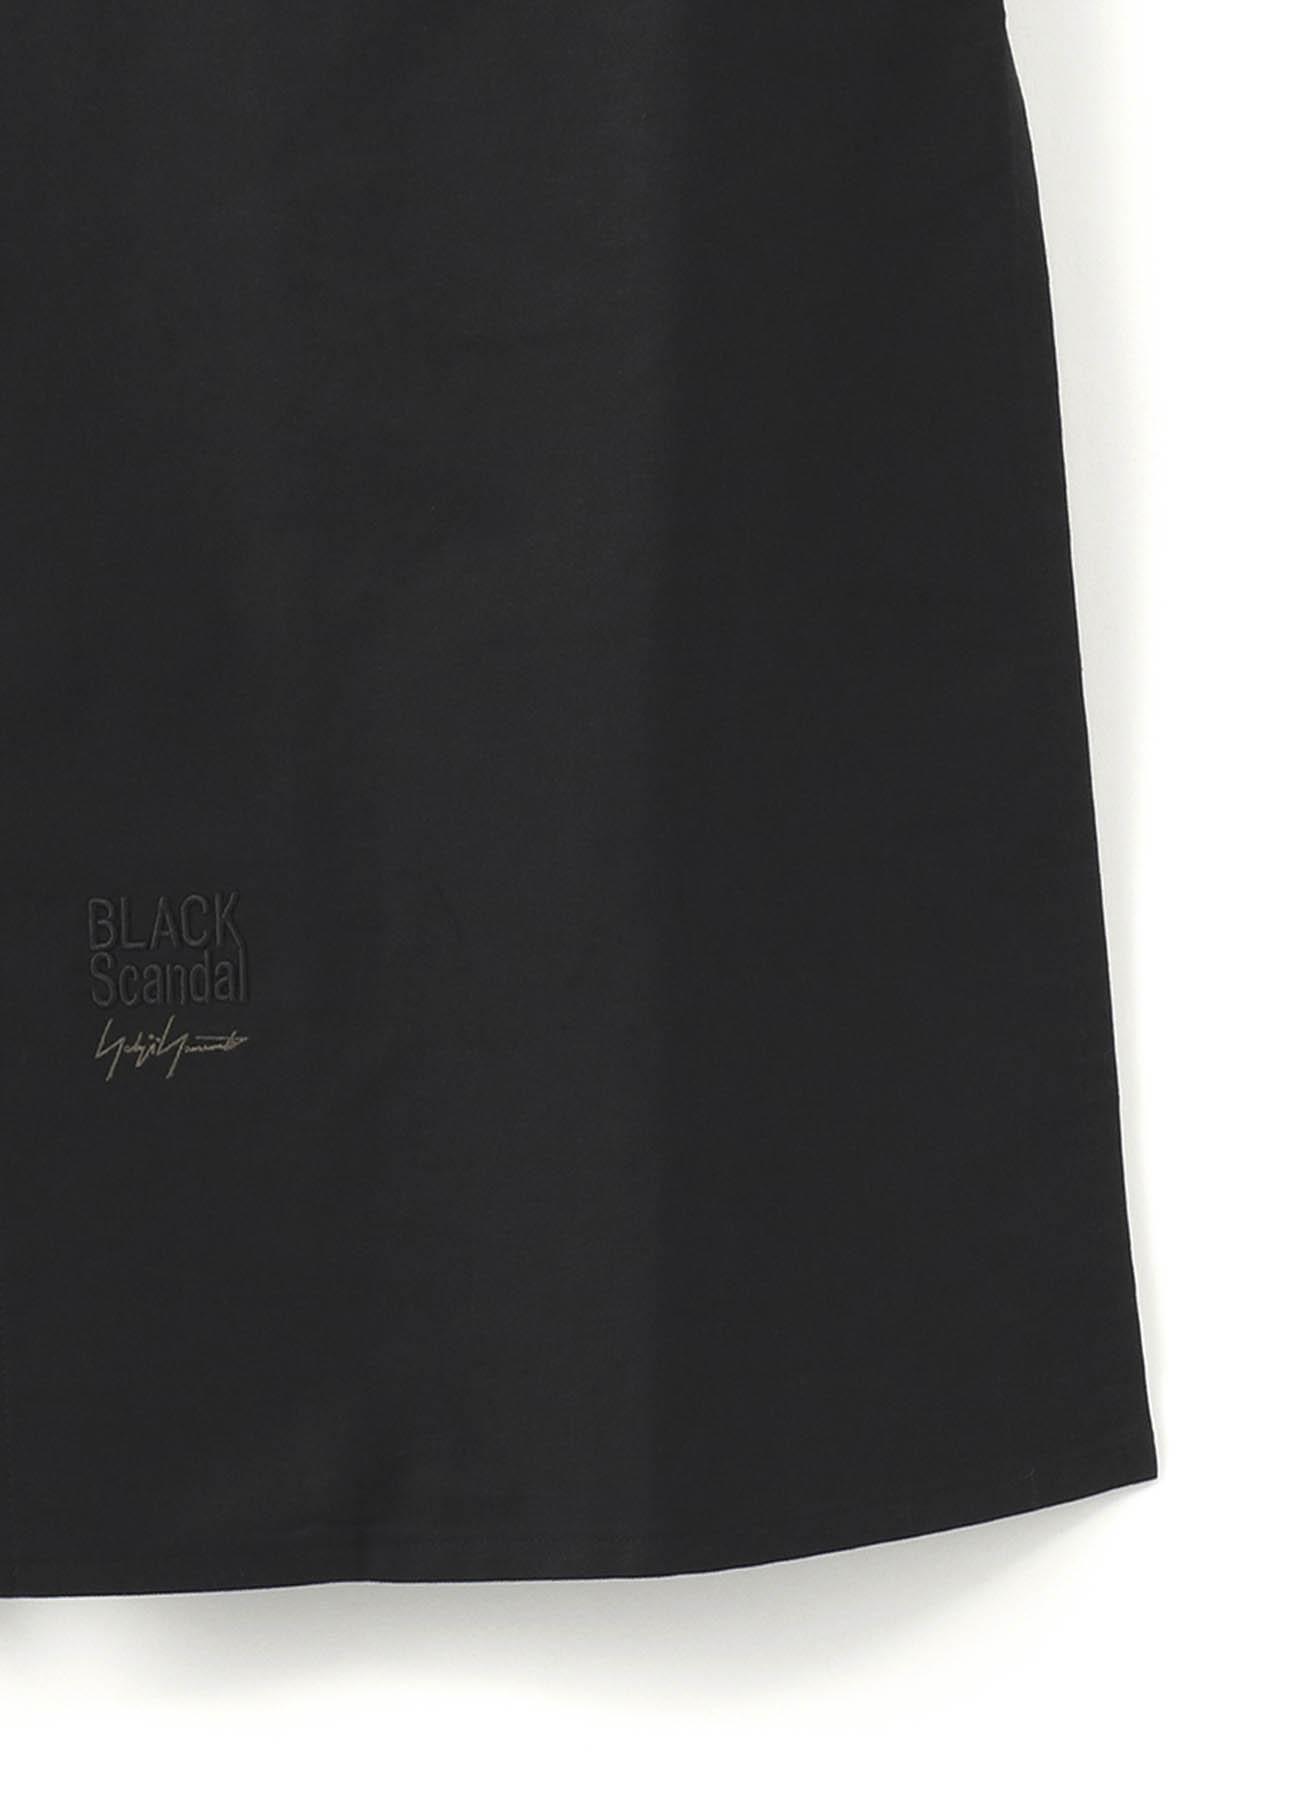 BLACK Scandal刺繍ツイル ファスナー付きブラウス